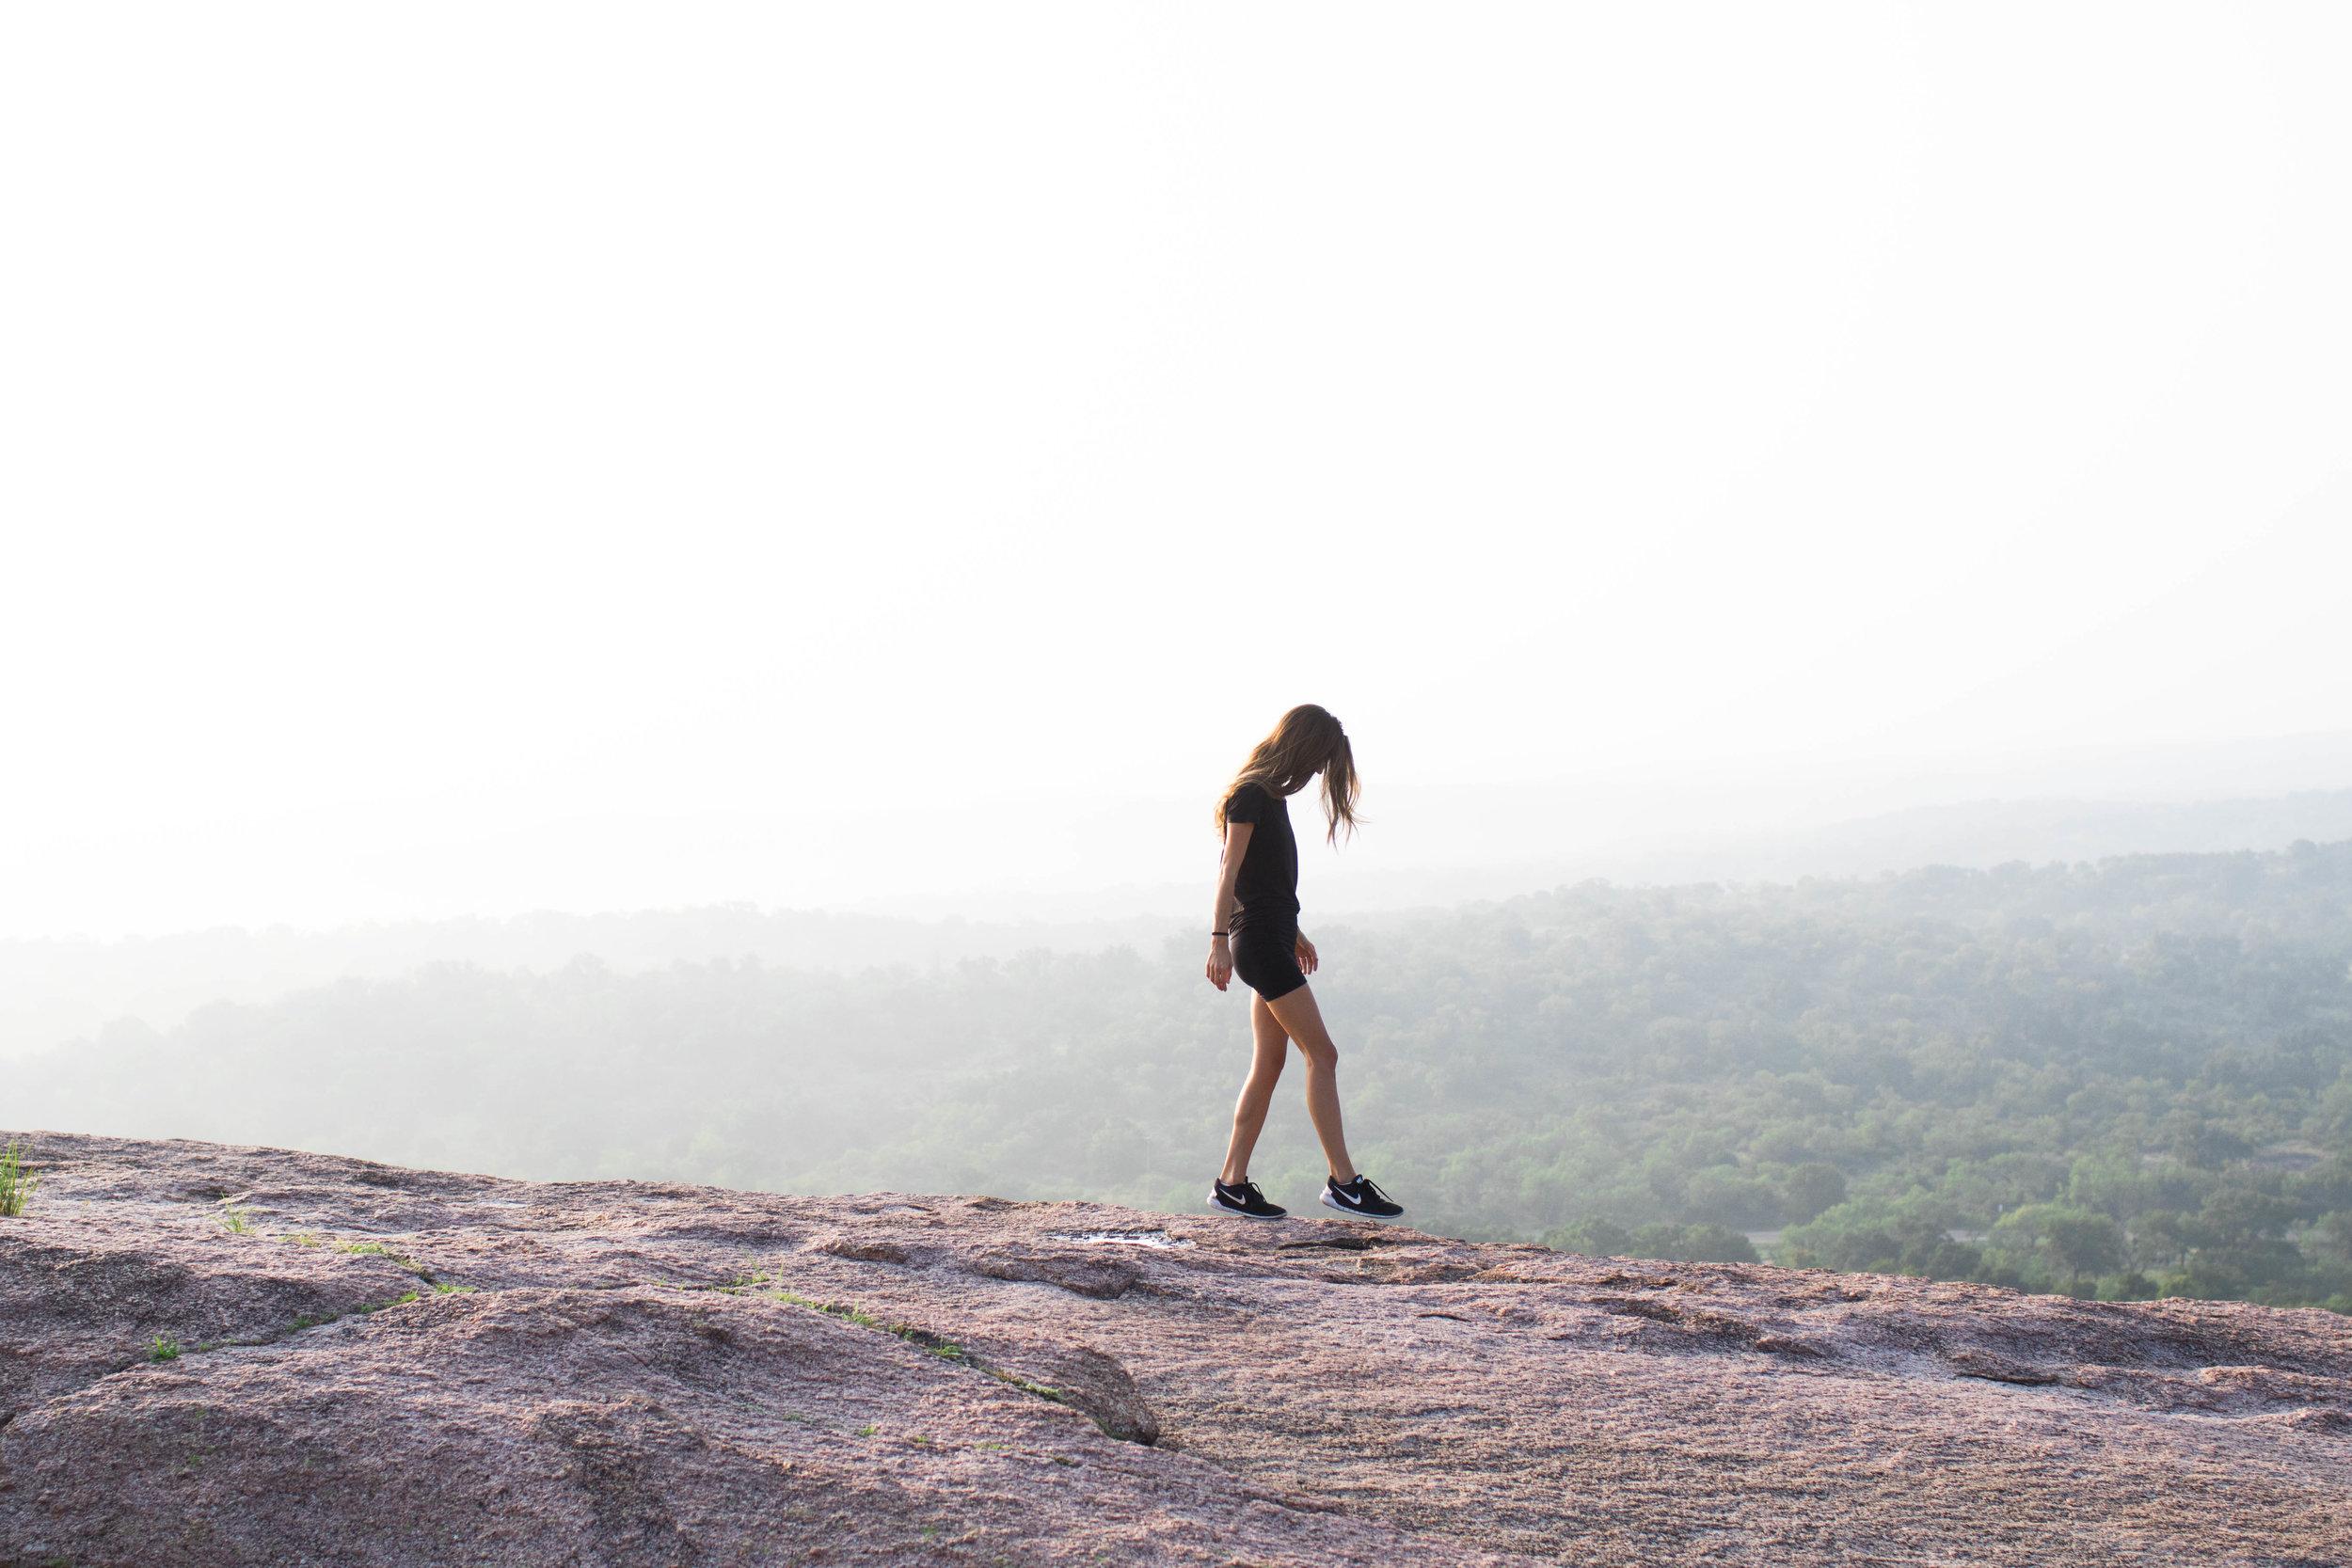 enchanted-rock-hiking-photo-by-samantha-look.jpg